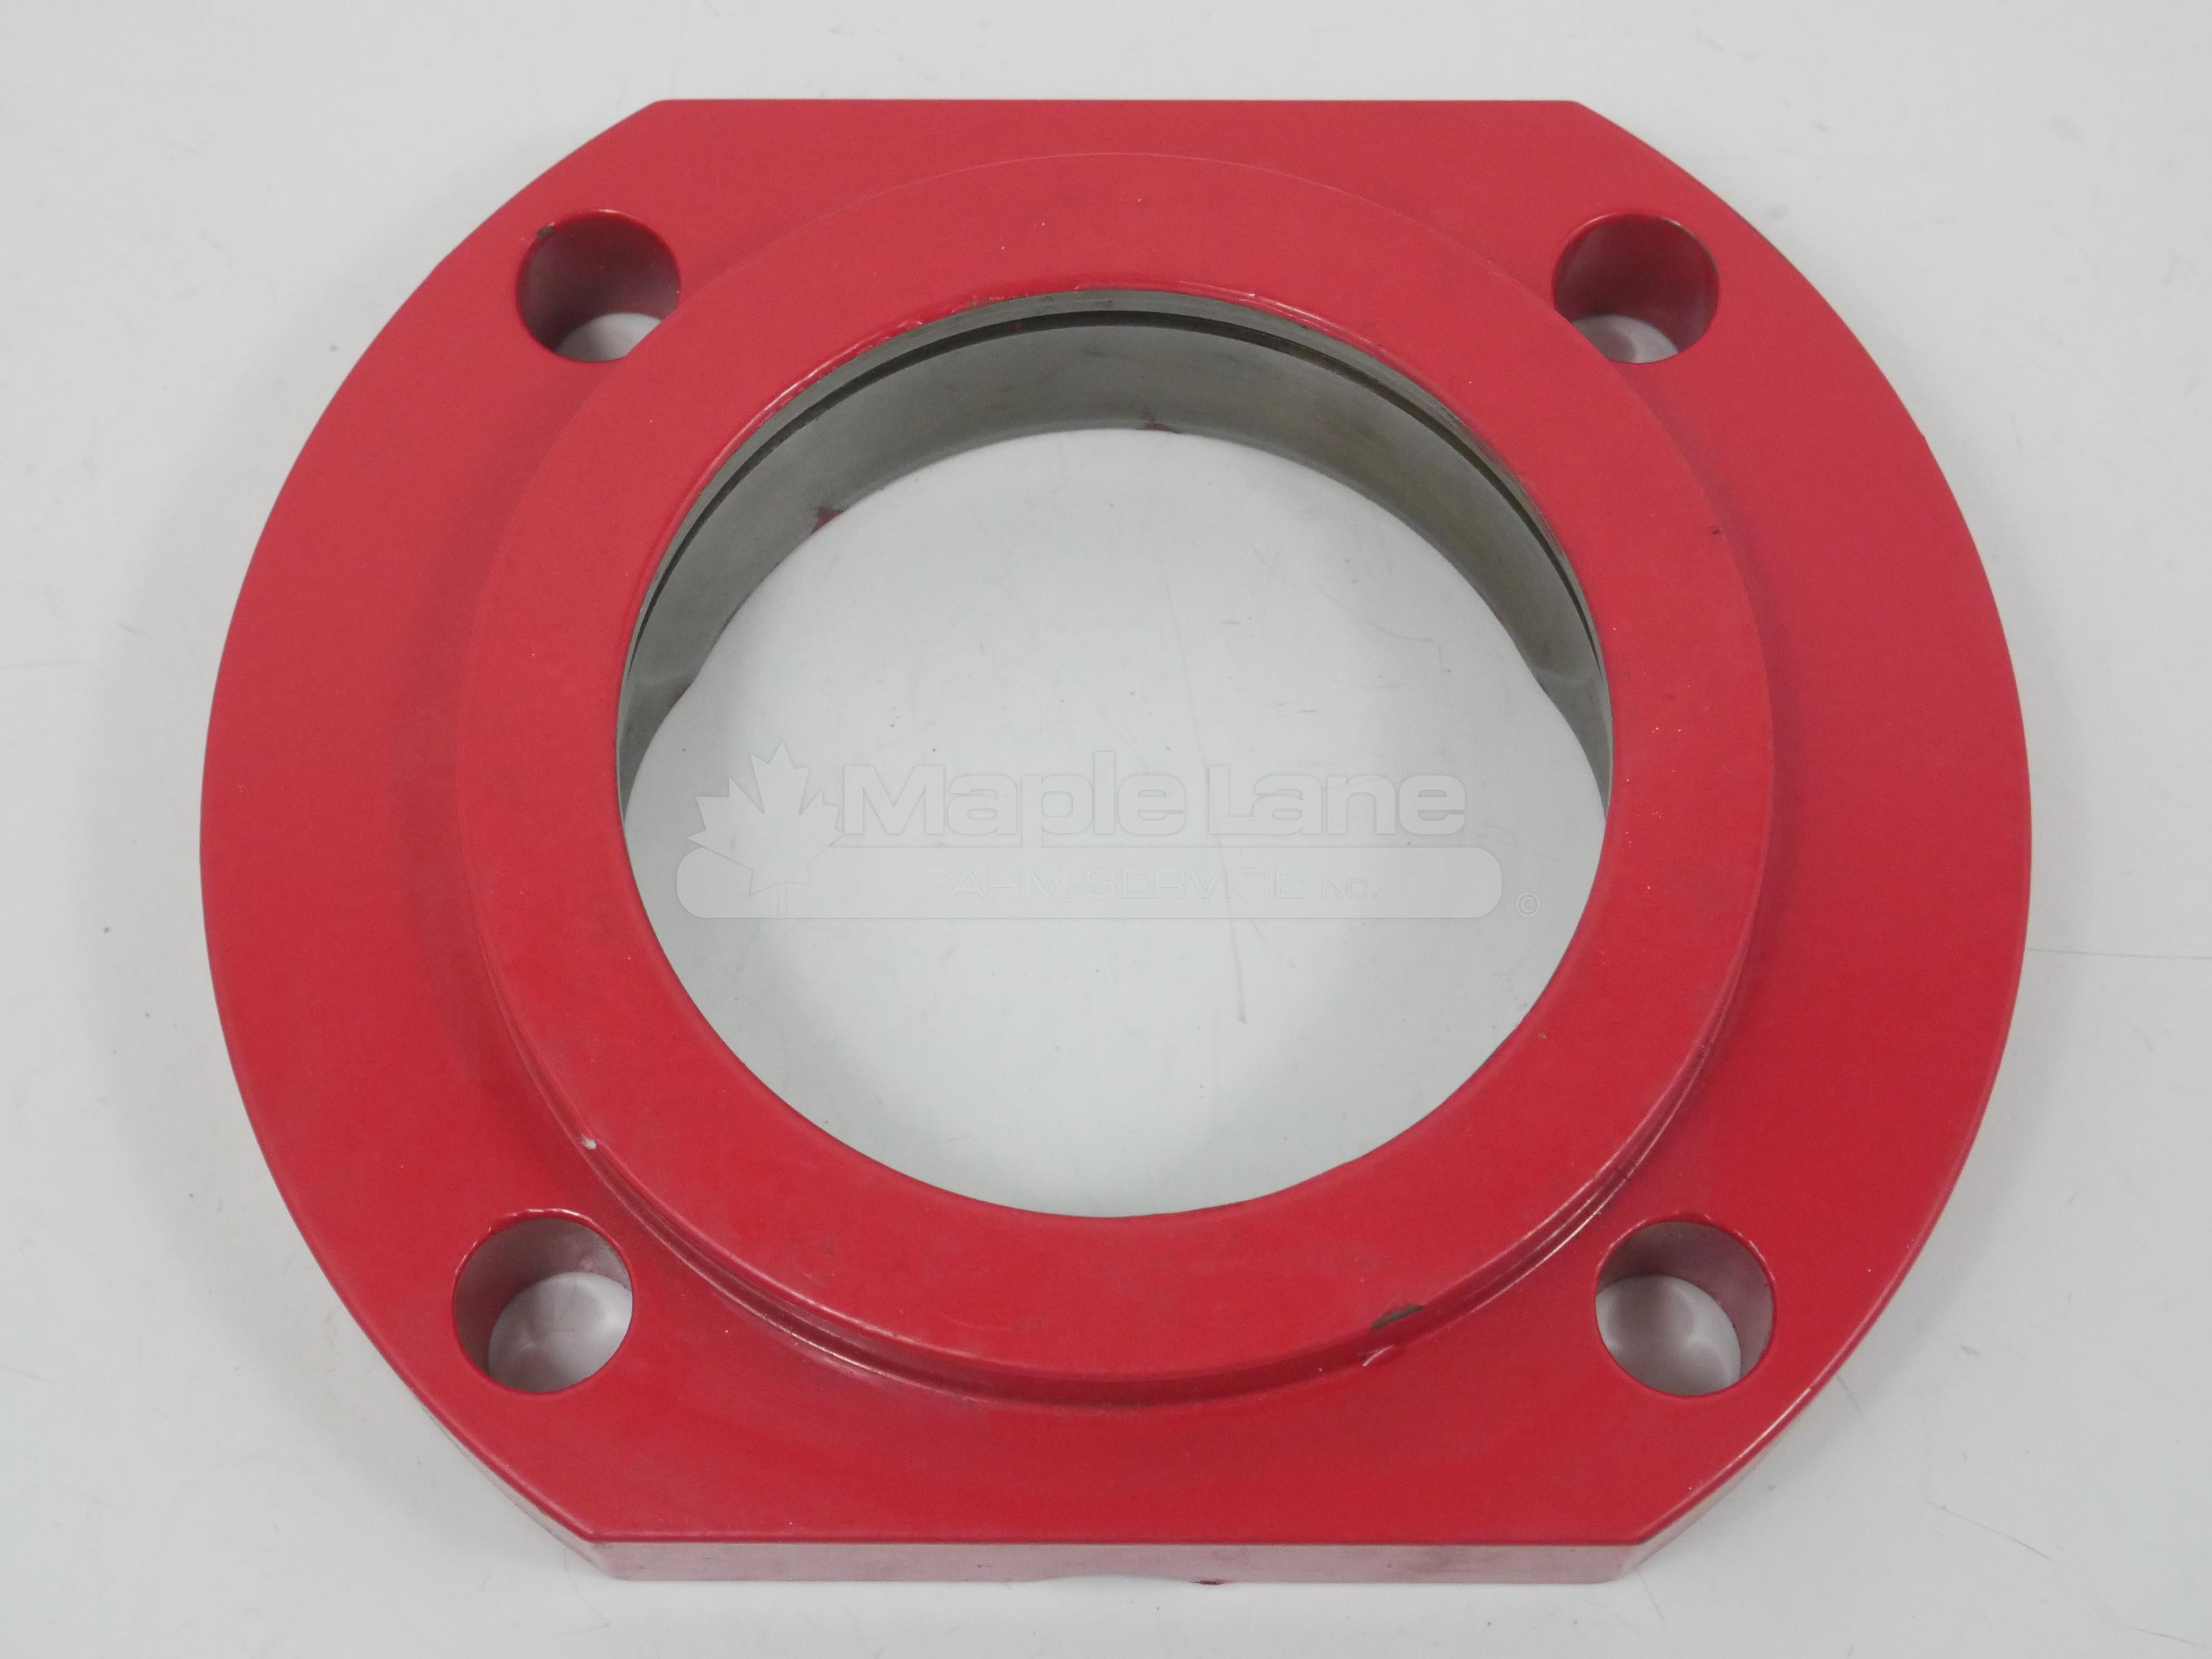 077606 Bearing Cylinder Housing